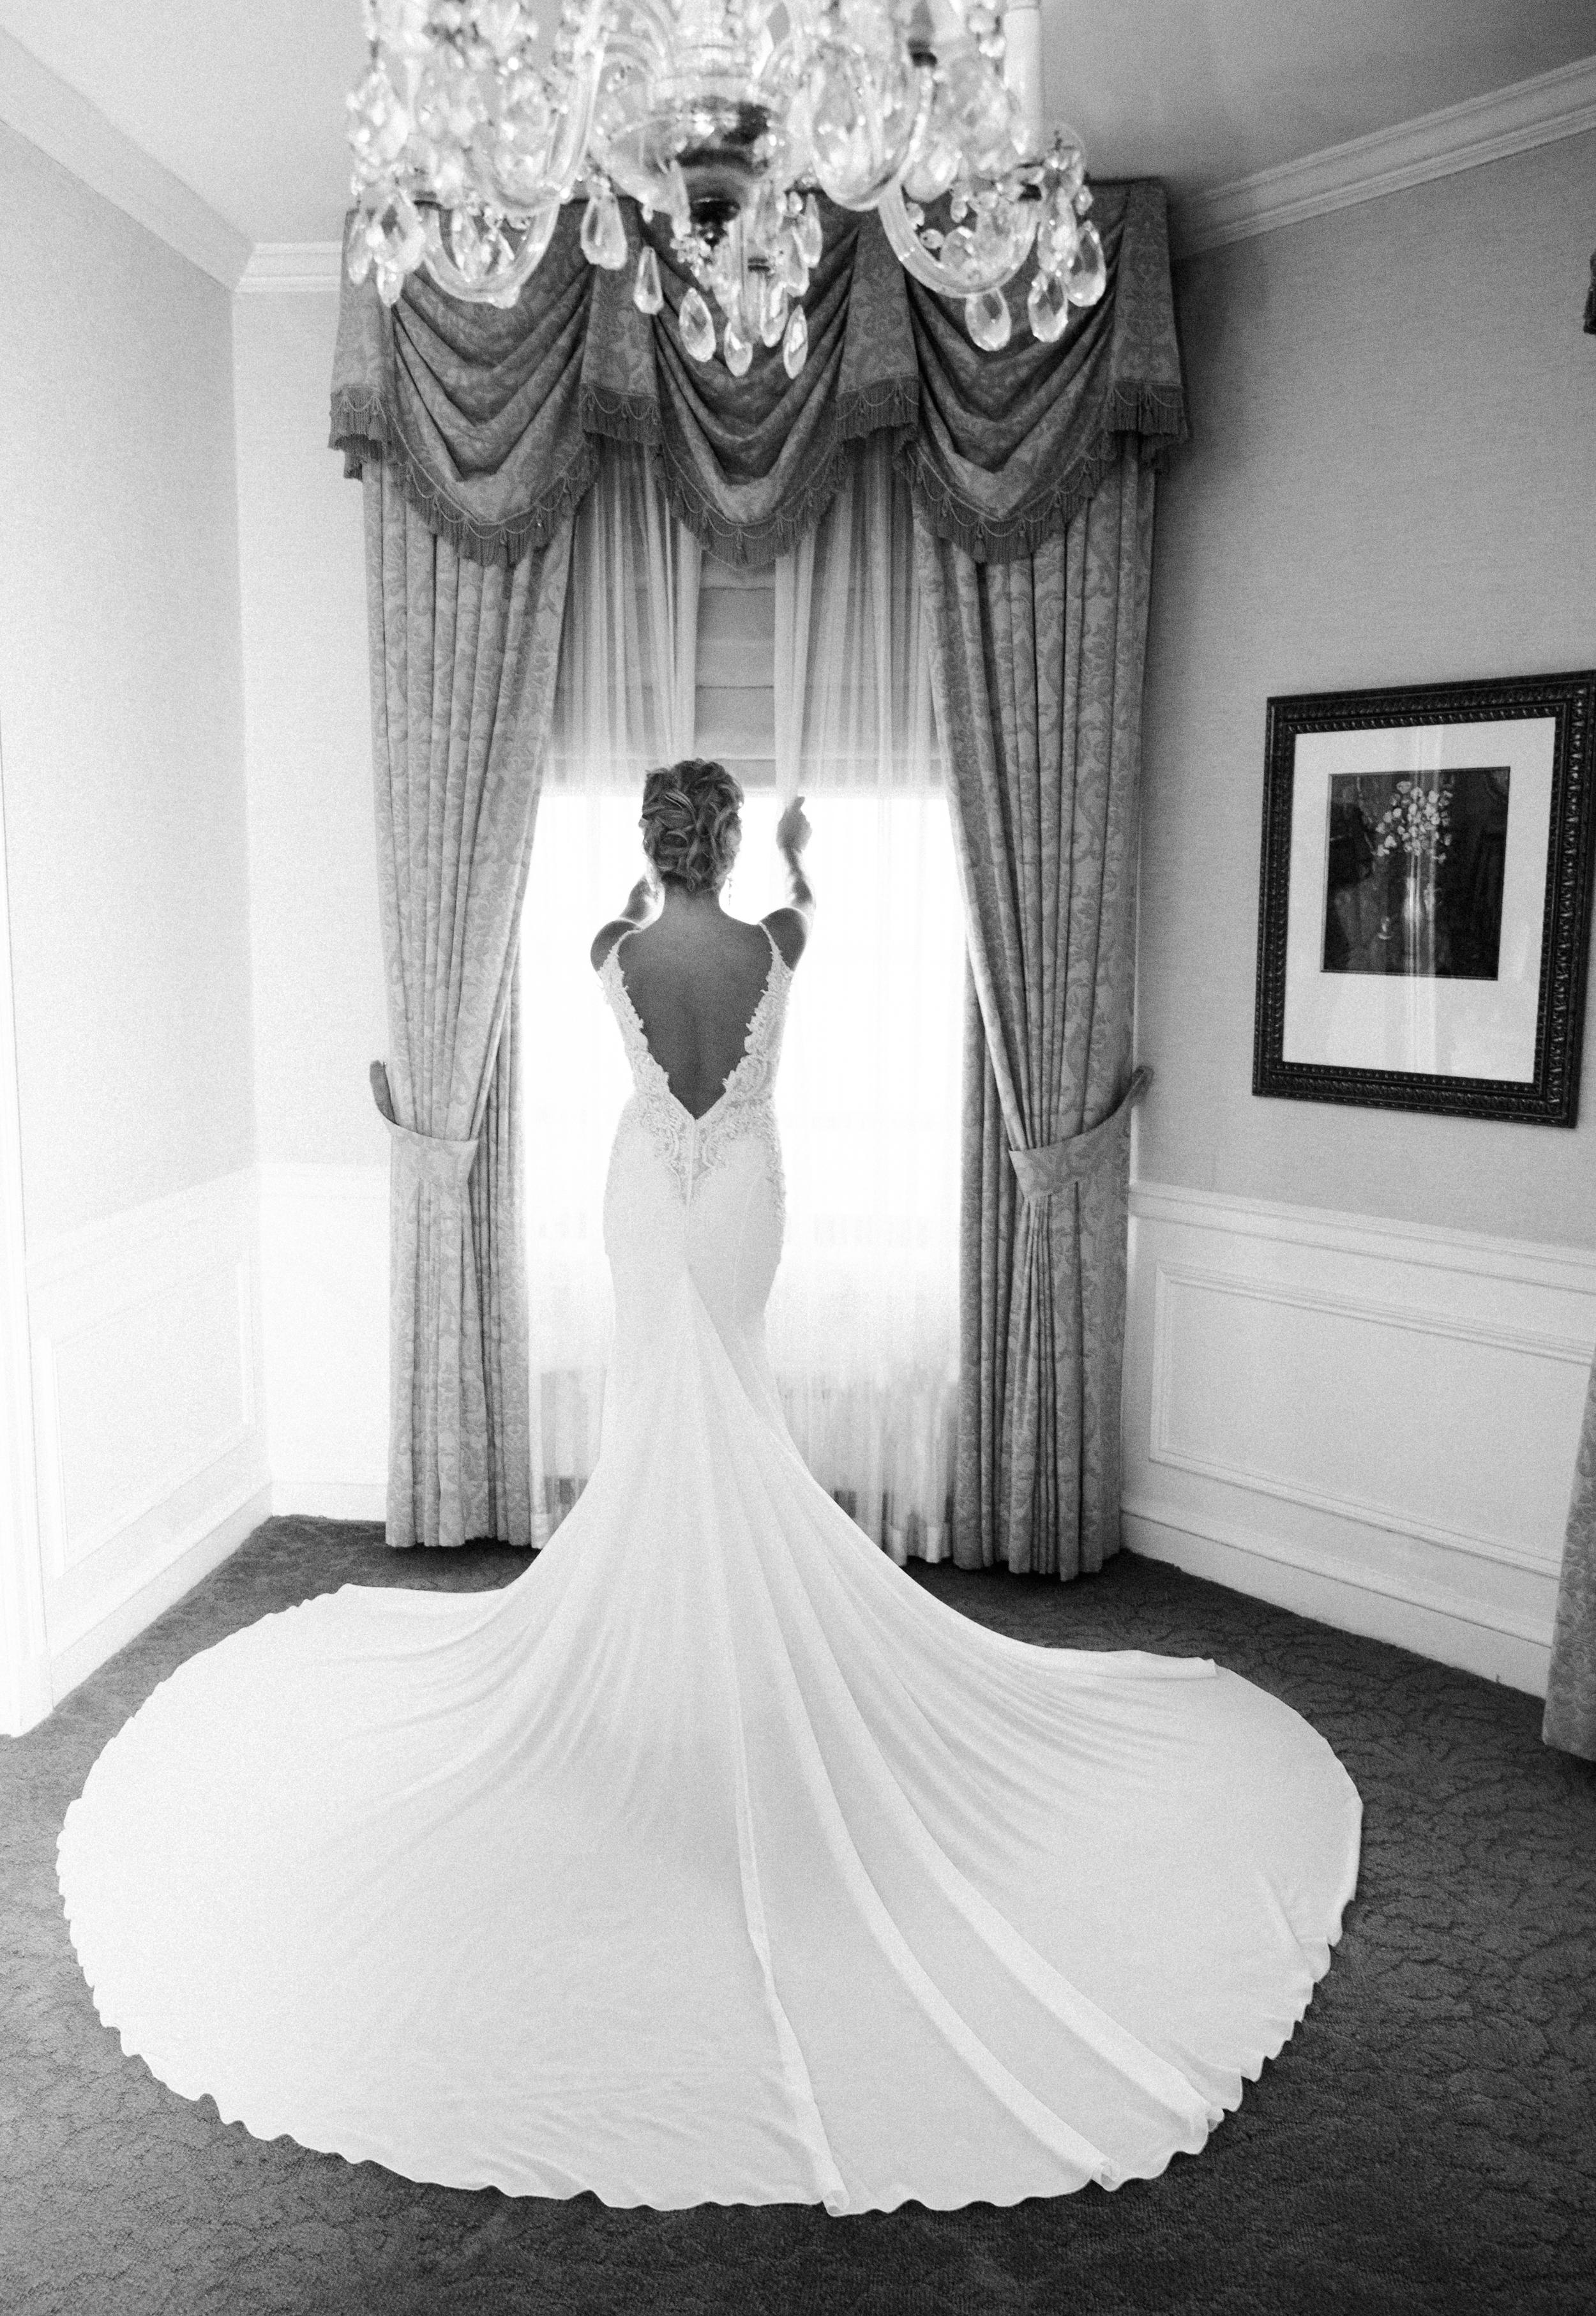 Bonphotage Wedding Photography Drake Hotel Chicago